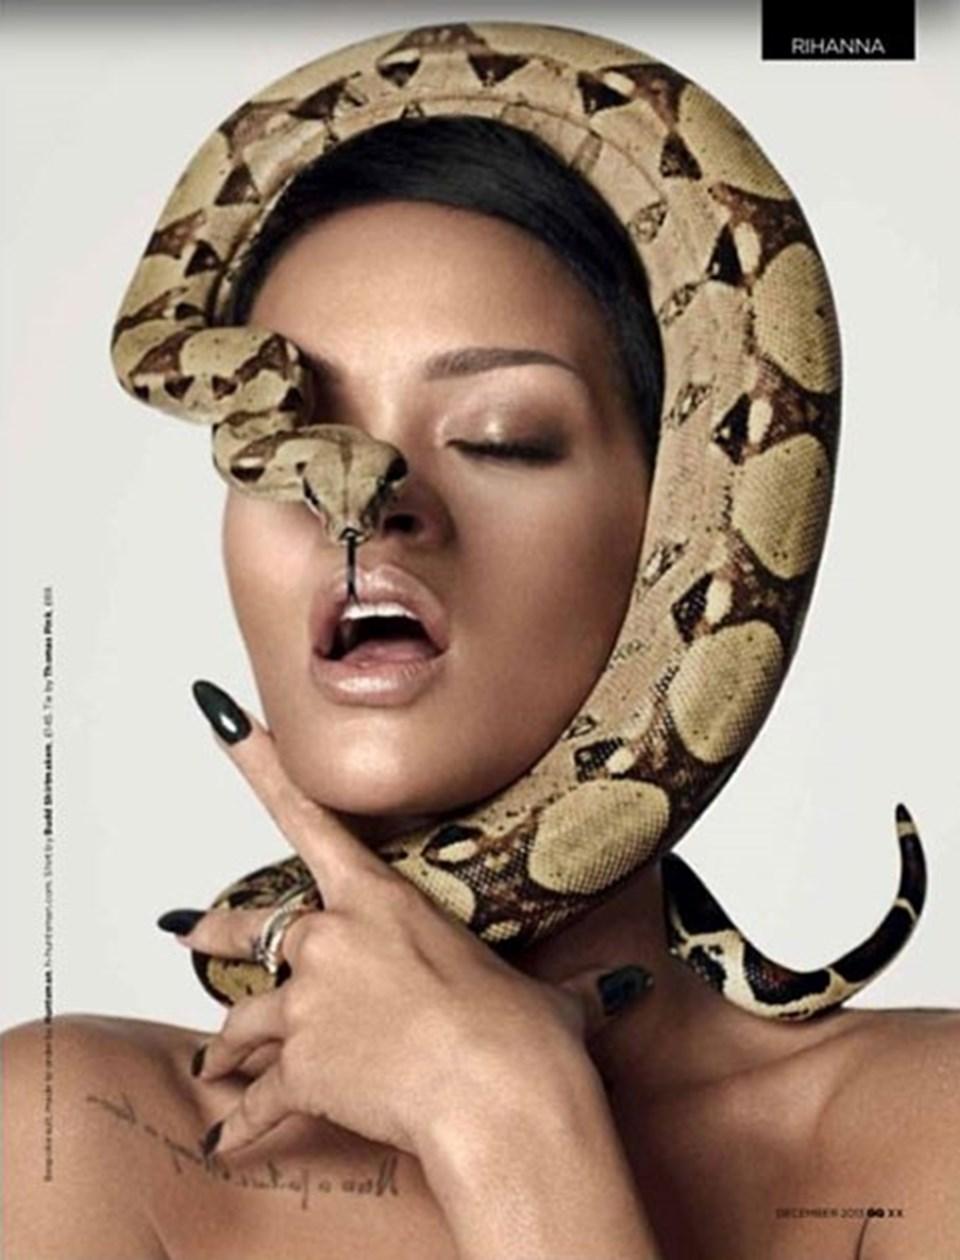 GQ için kamera karşısına geçen Rihanna, bir yılanla poz vermiş, genç şarkıcının bu pozu uzun süre konuşulmuştu.